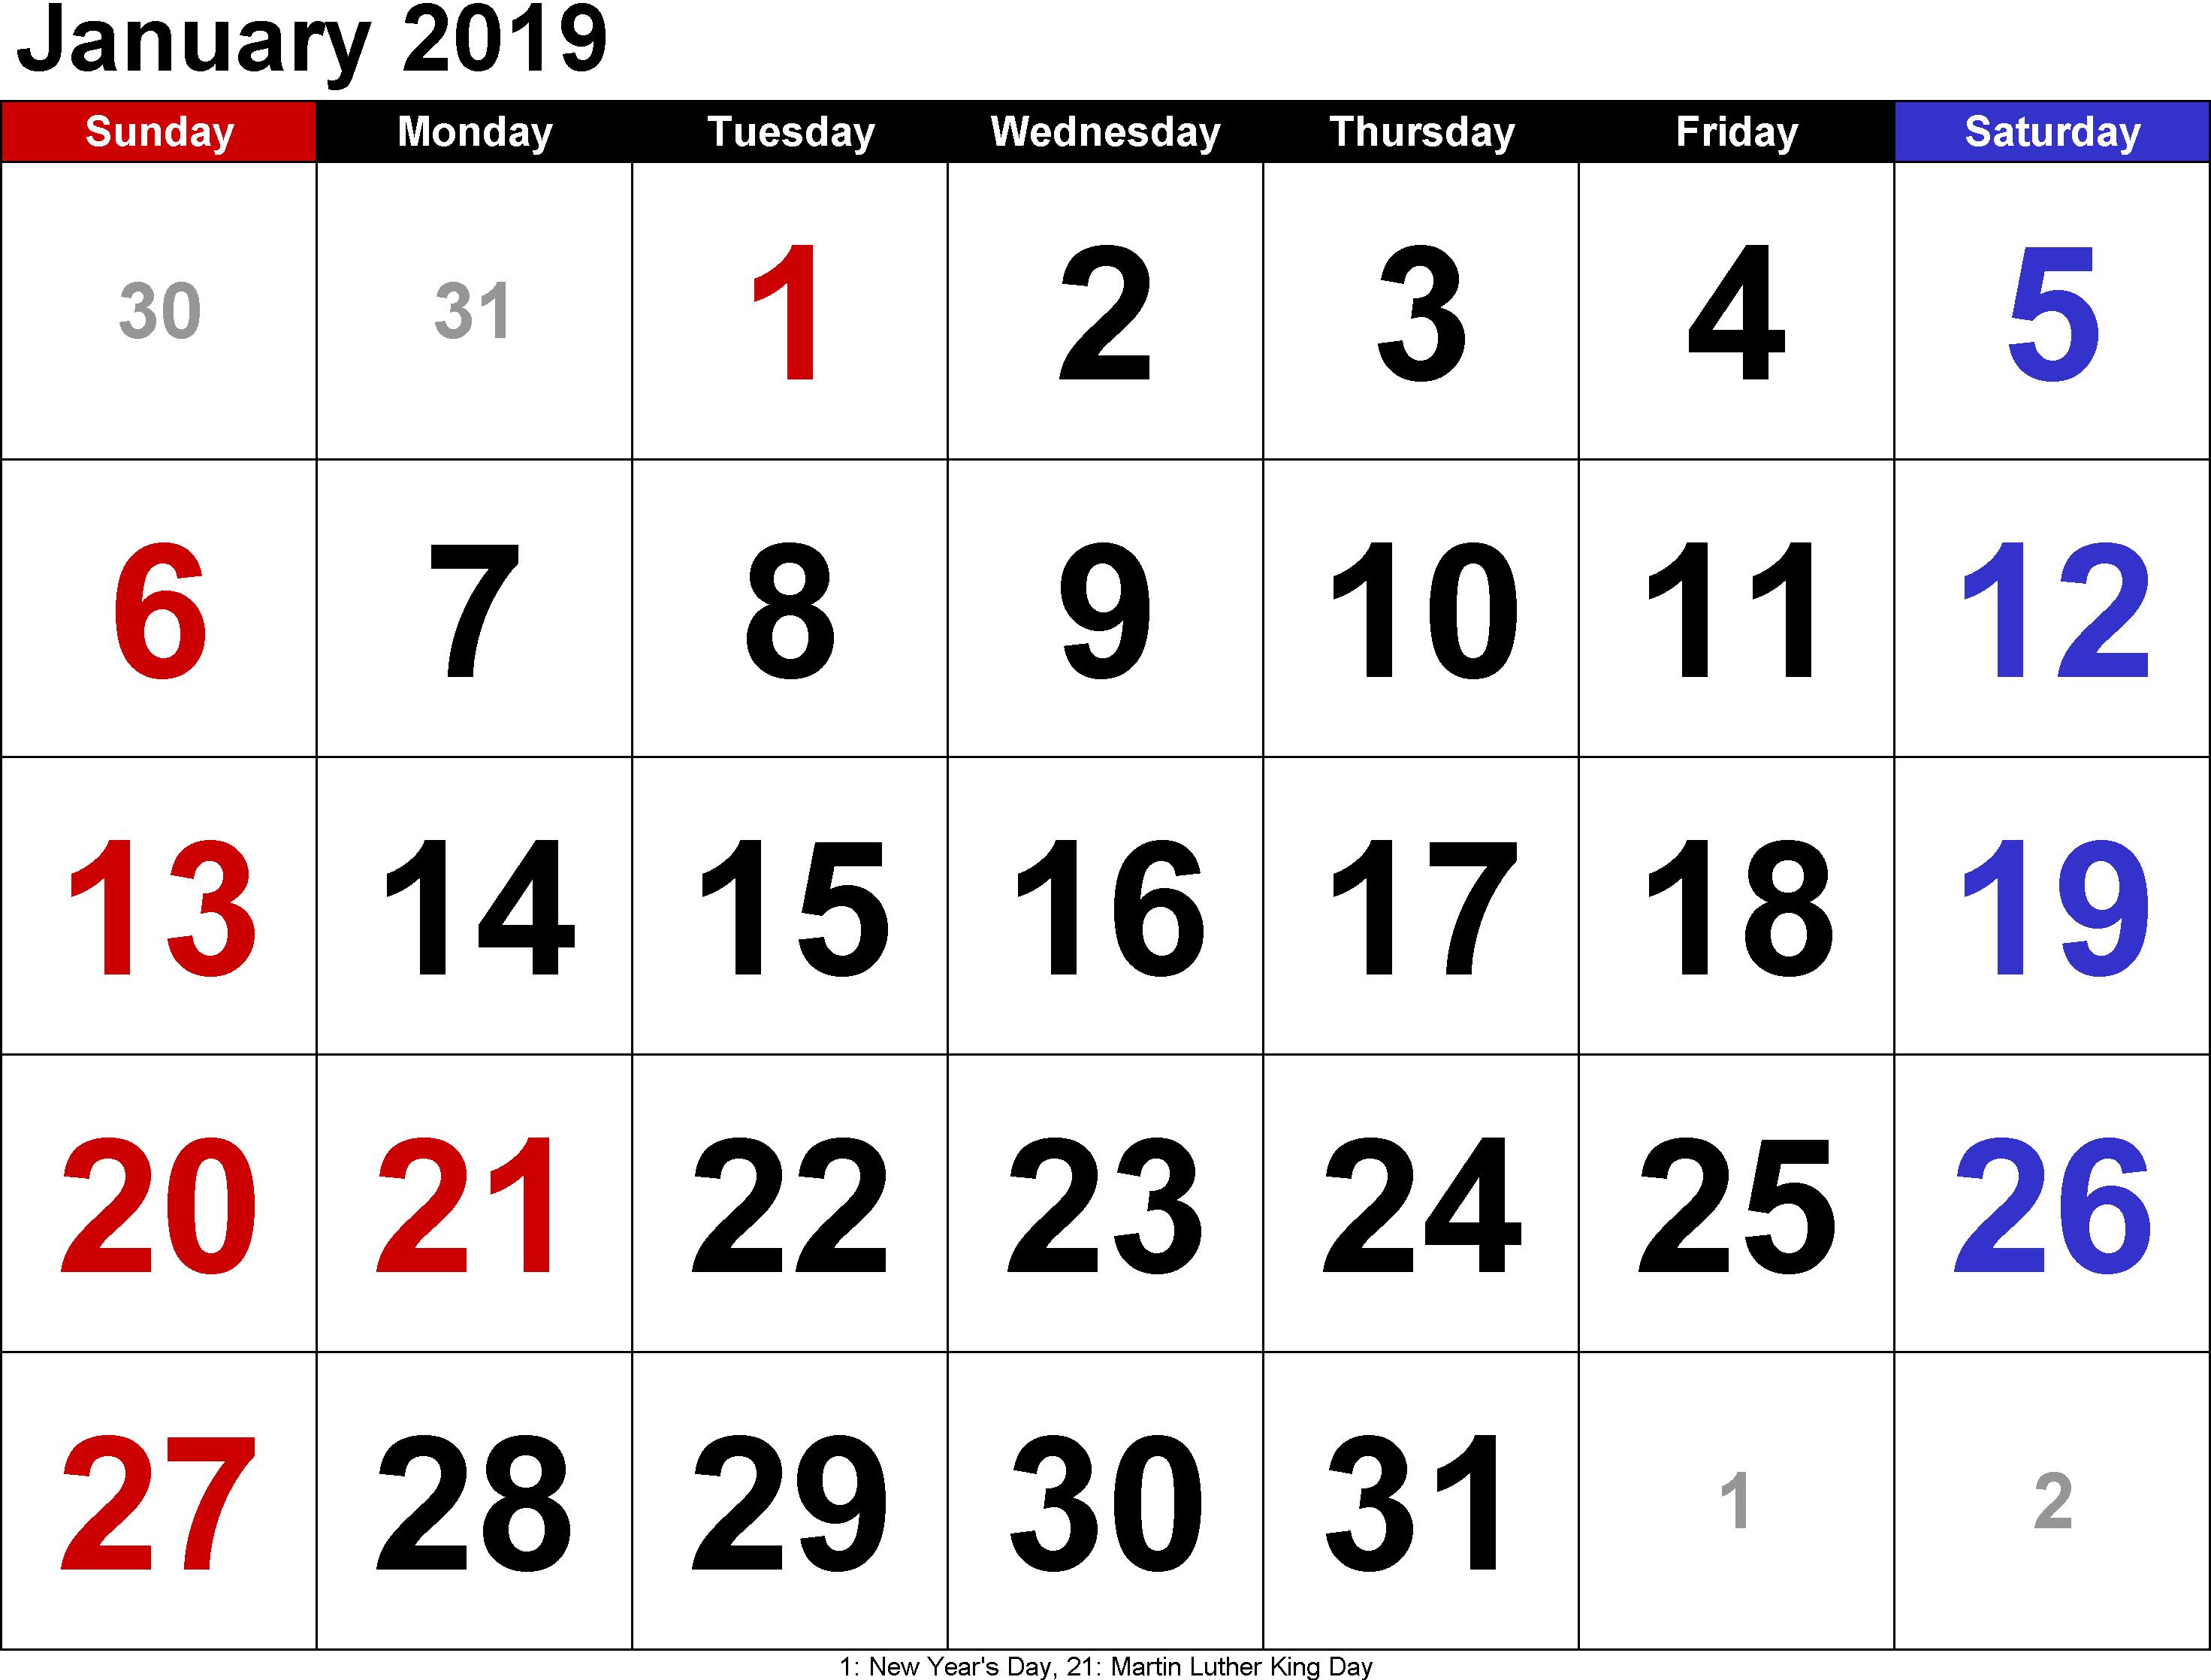 Free January Calendar 2019 Ideas Para Sa Bahay